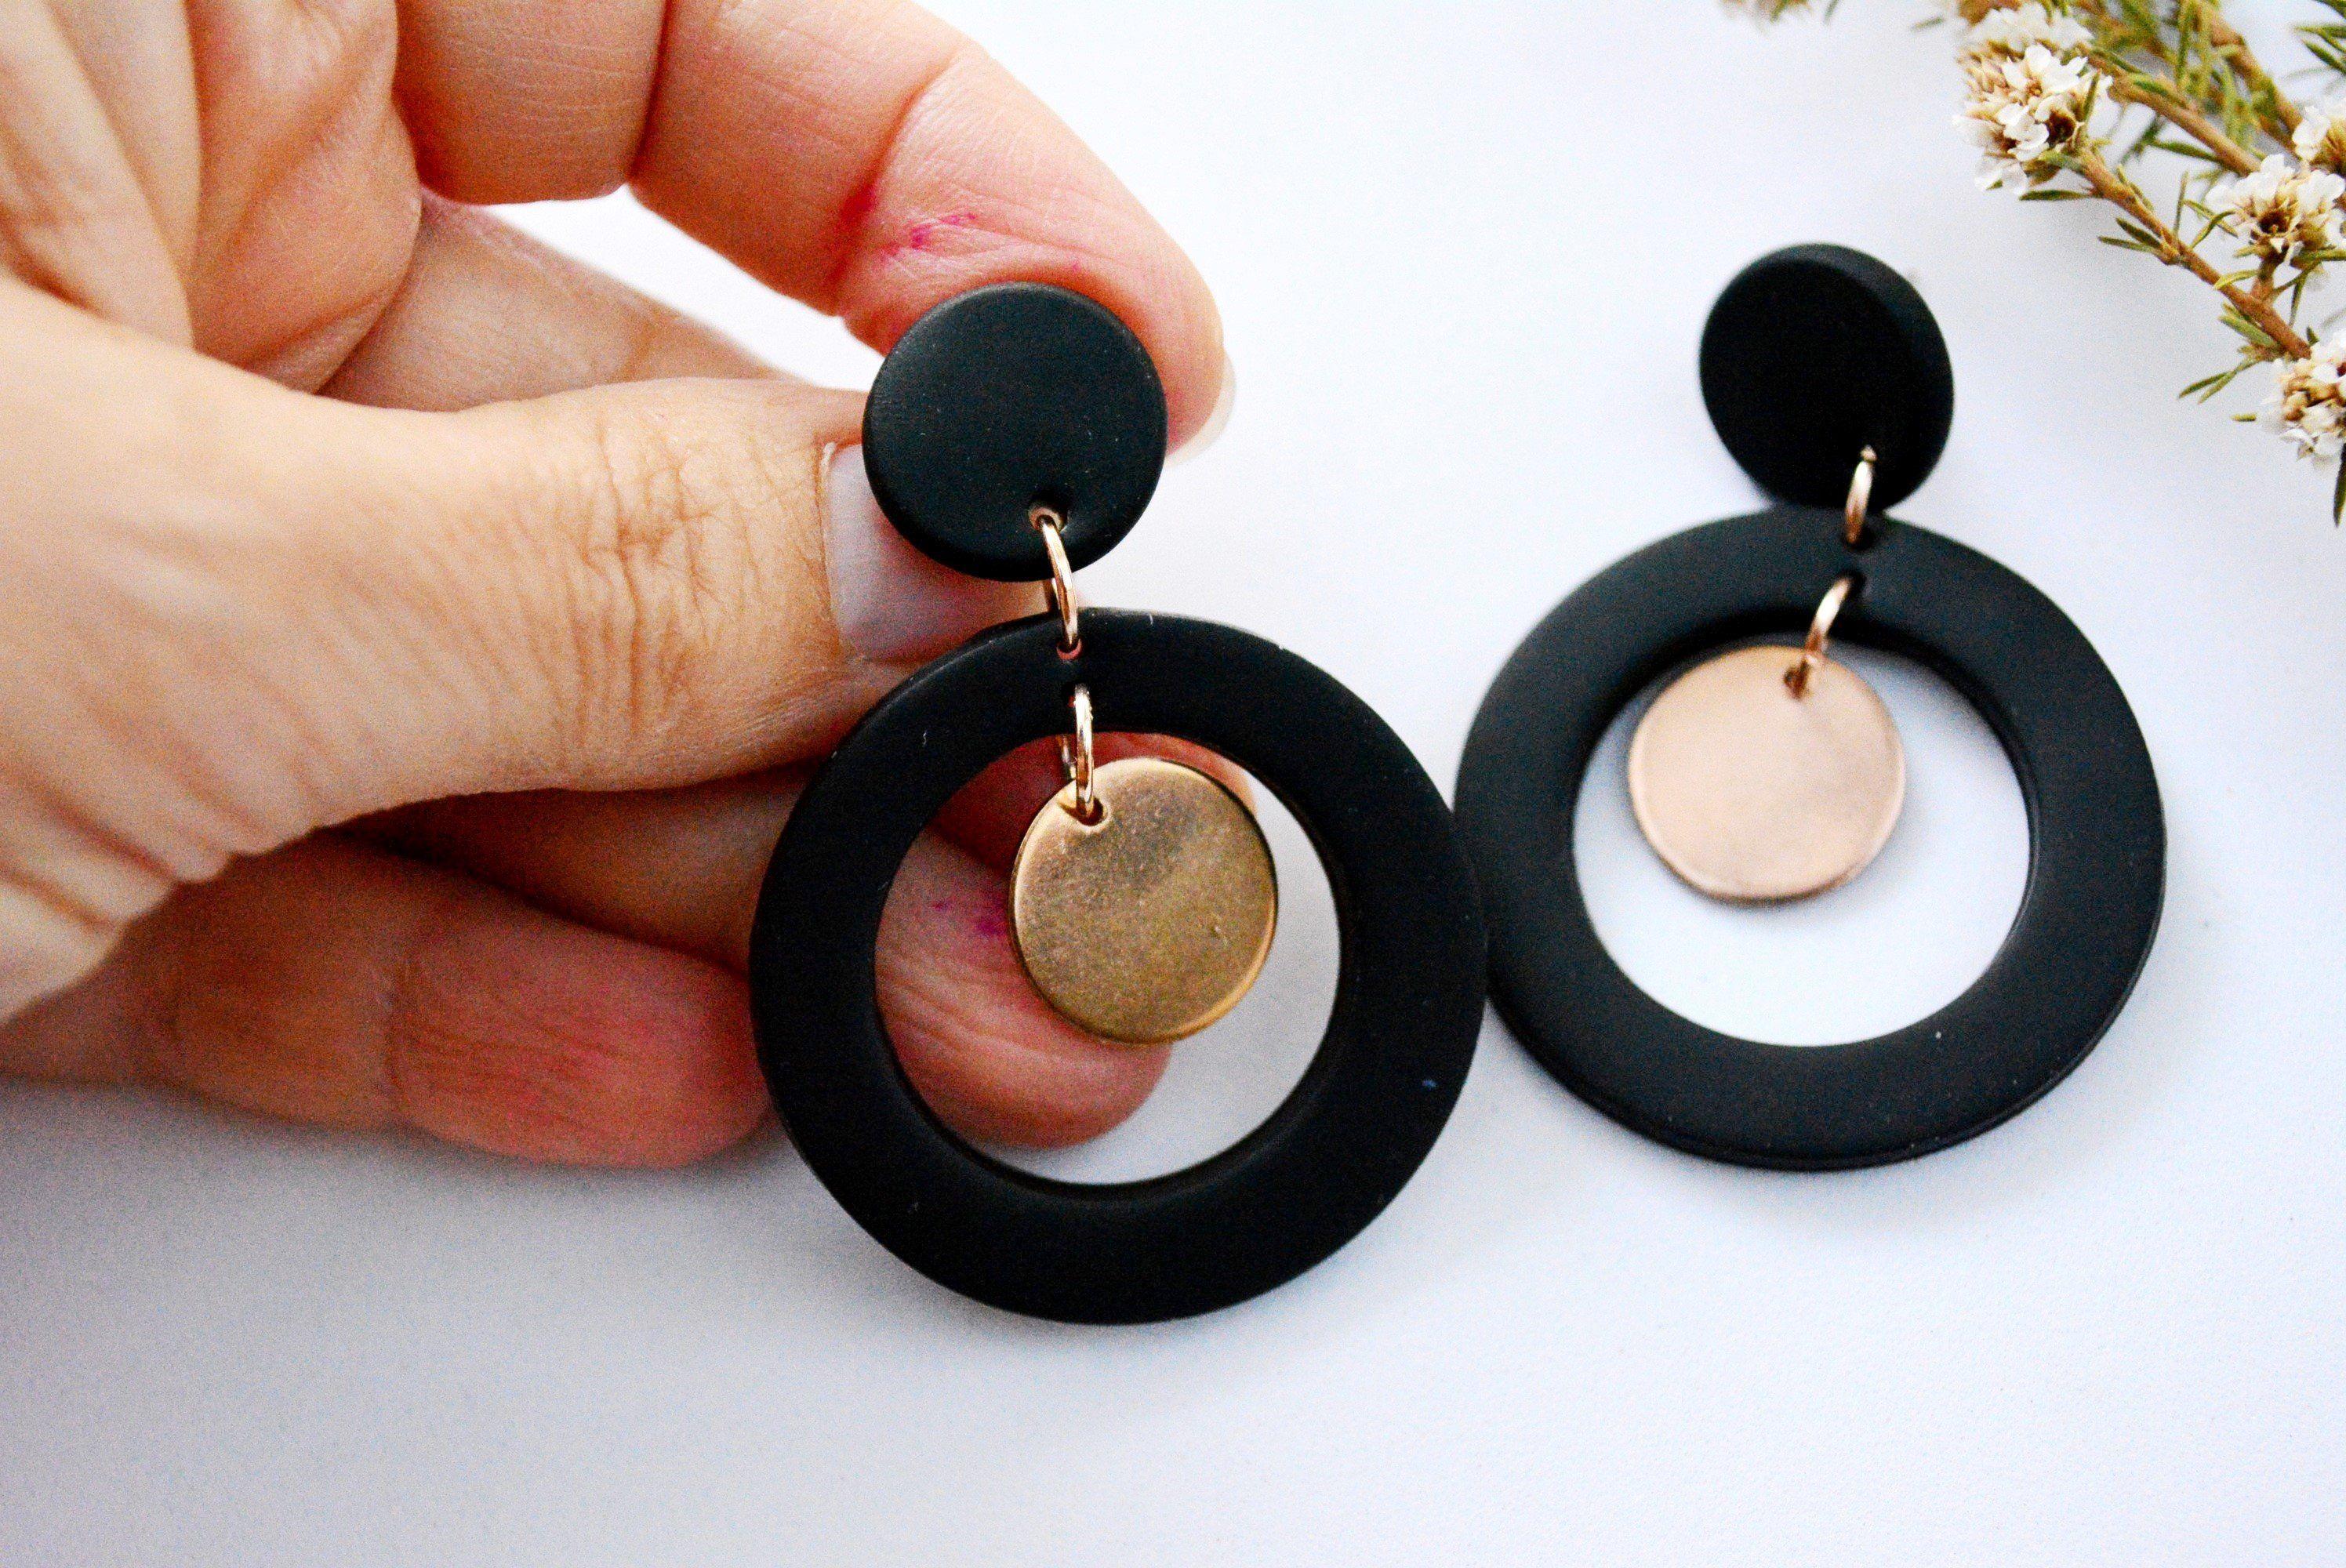 Handmade Geometric Statement Earrings Hypoallergenic Earrings, Polymer Clay Earrings, Bold Colourful Earring, Fun Modern Earrings BURRA